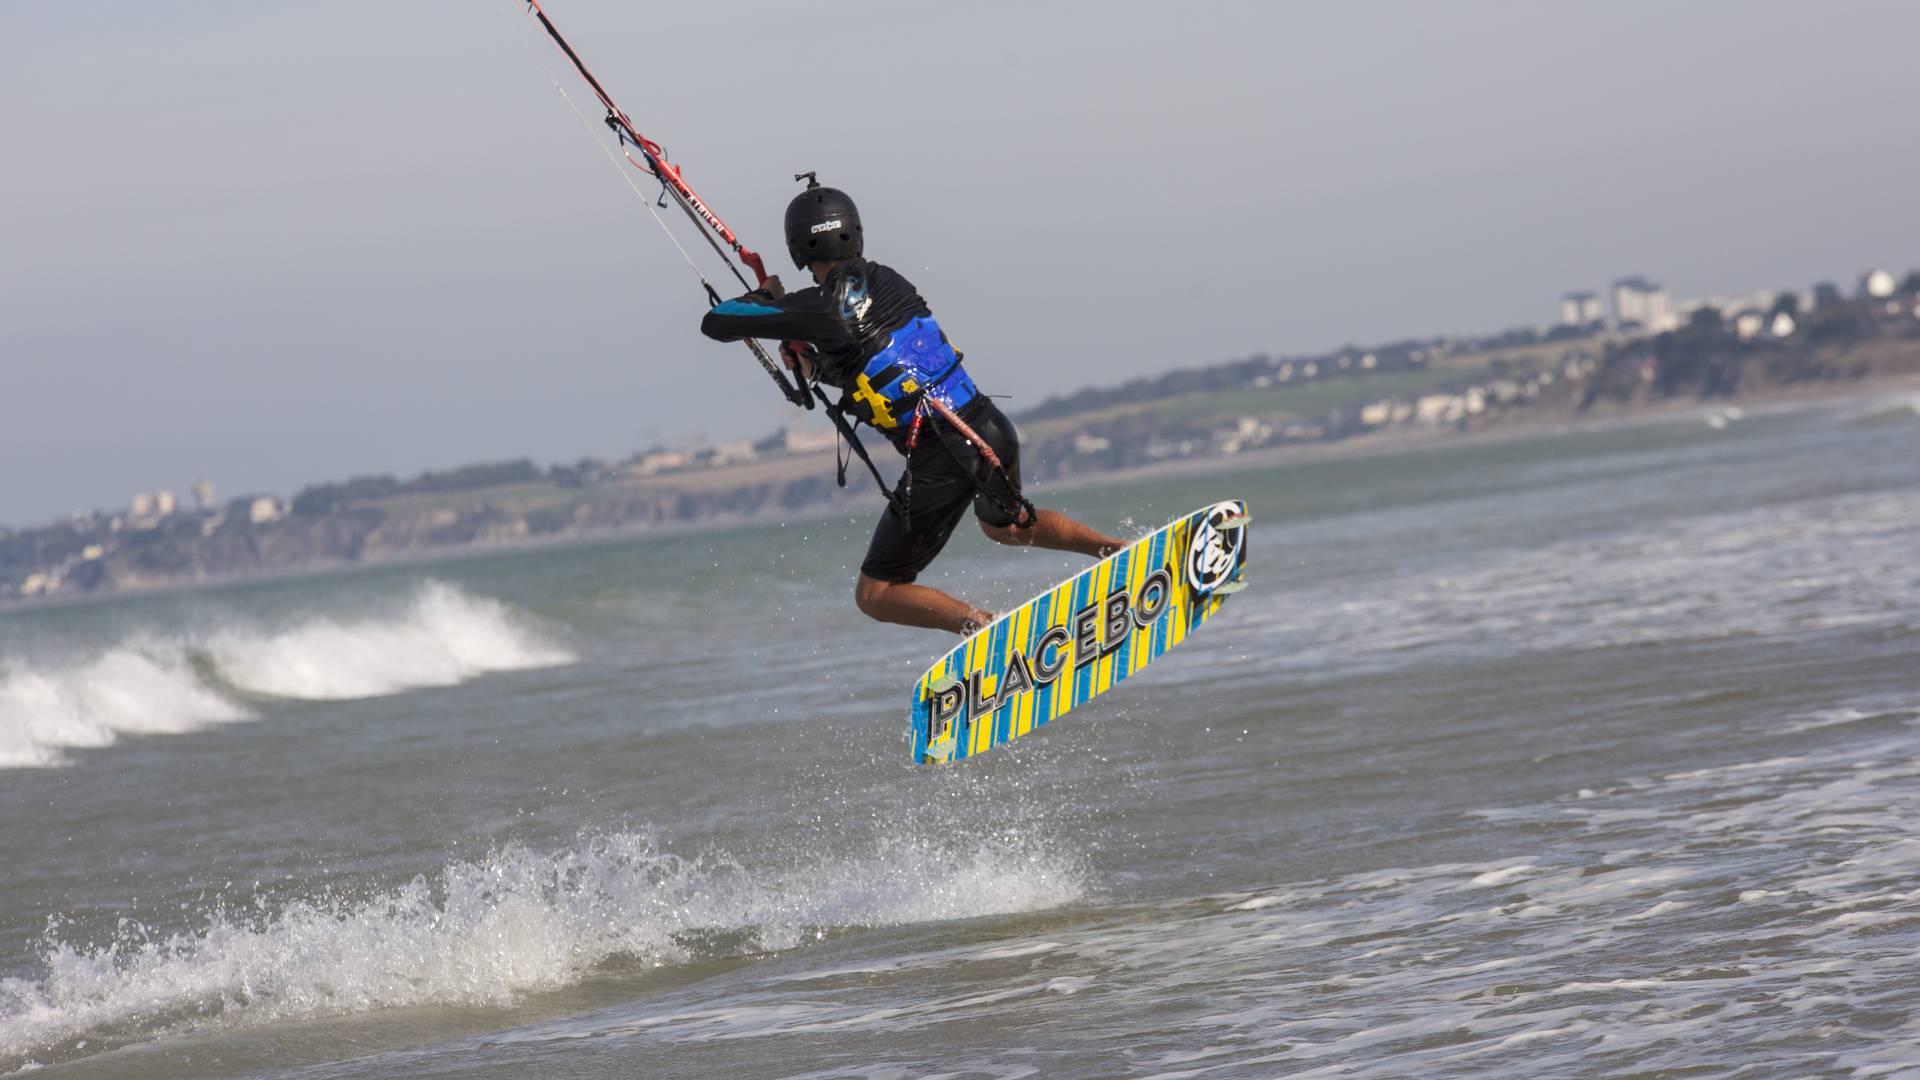 Démonstration de kite - T Jouanneau OTGTM